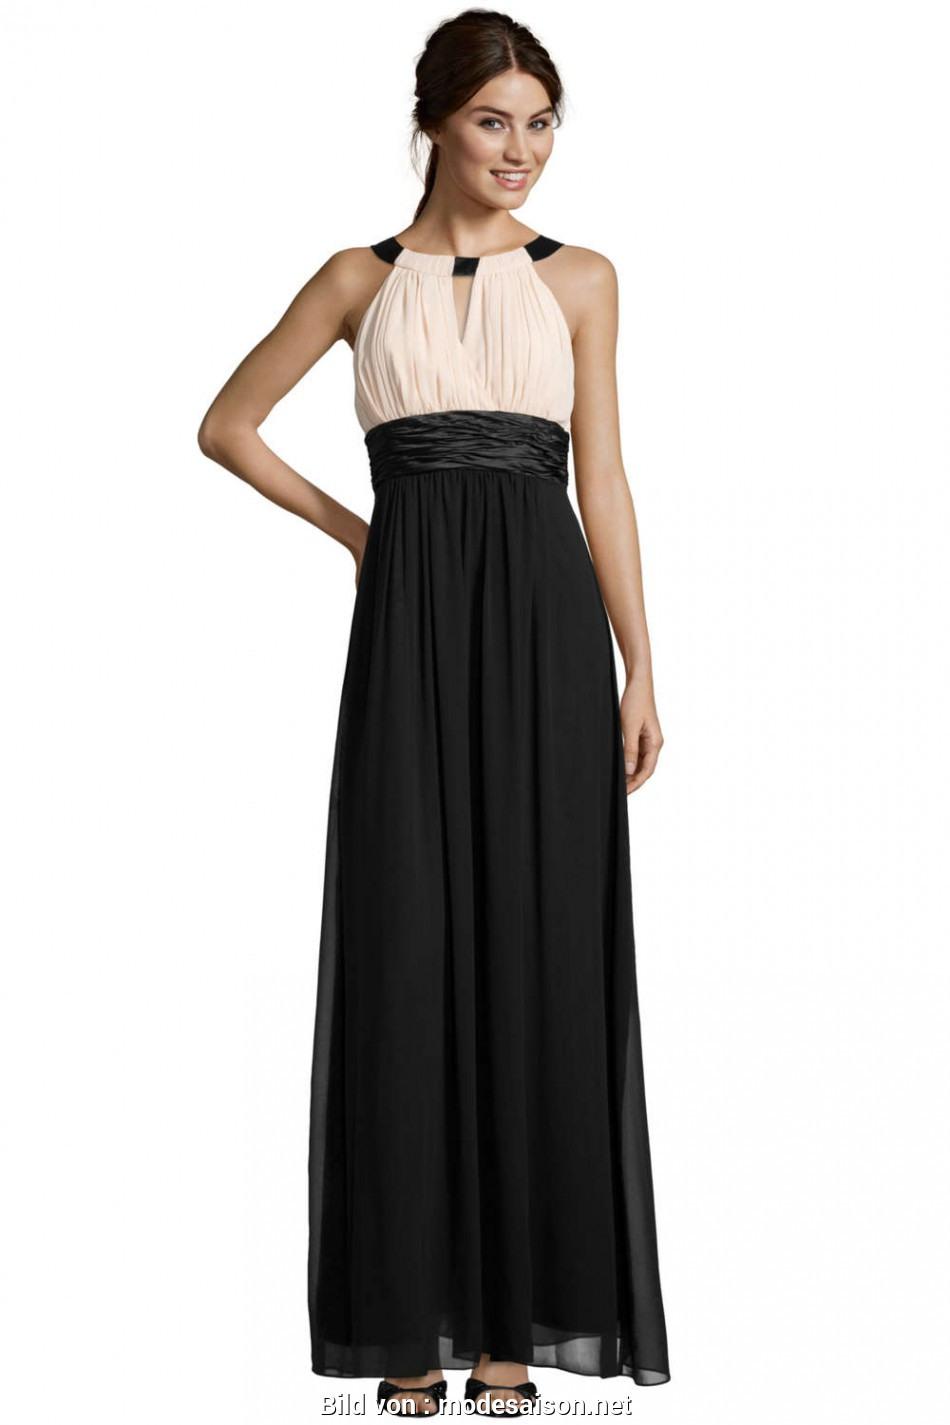 Designer Luxus Zara Abend Kleider Ärmel20 Genial Zara Abend Kleider Vertrieb